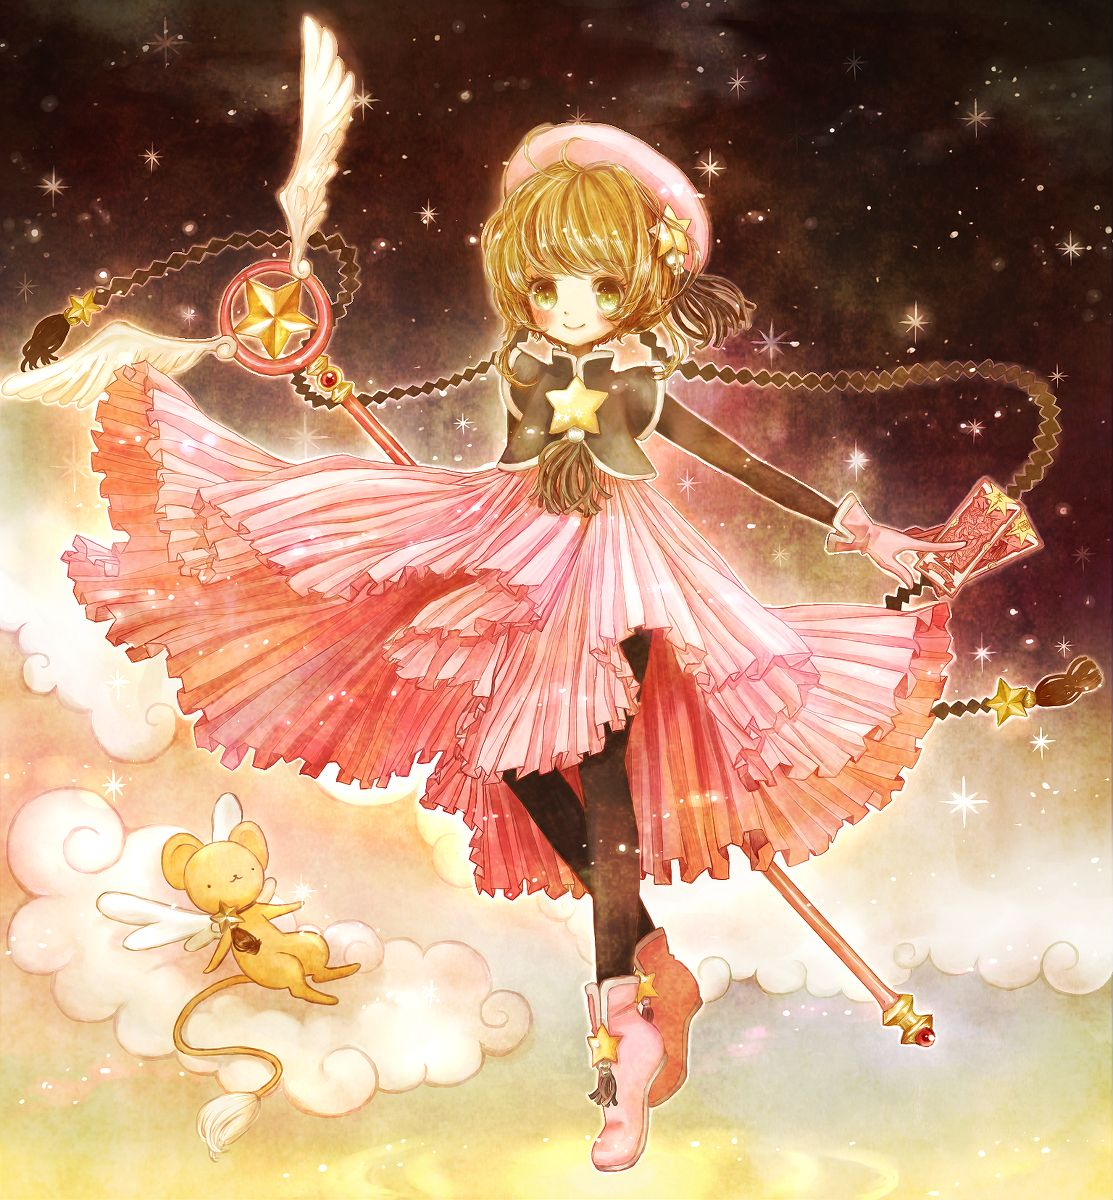 星の力 - ぽり - Cardcaptor Sakura